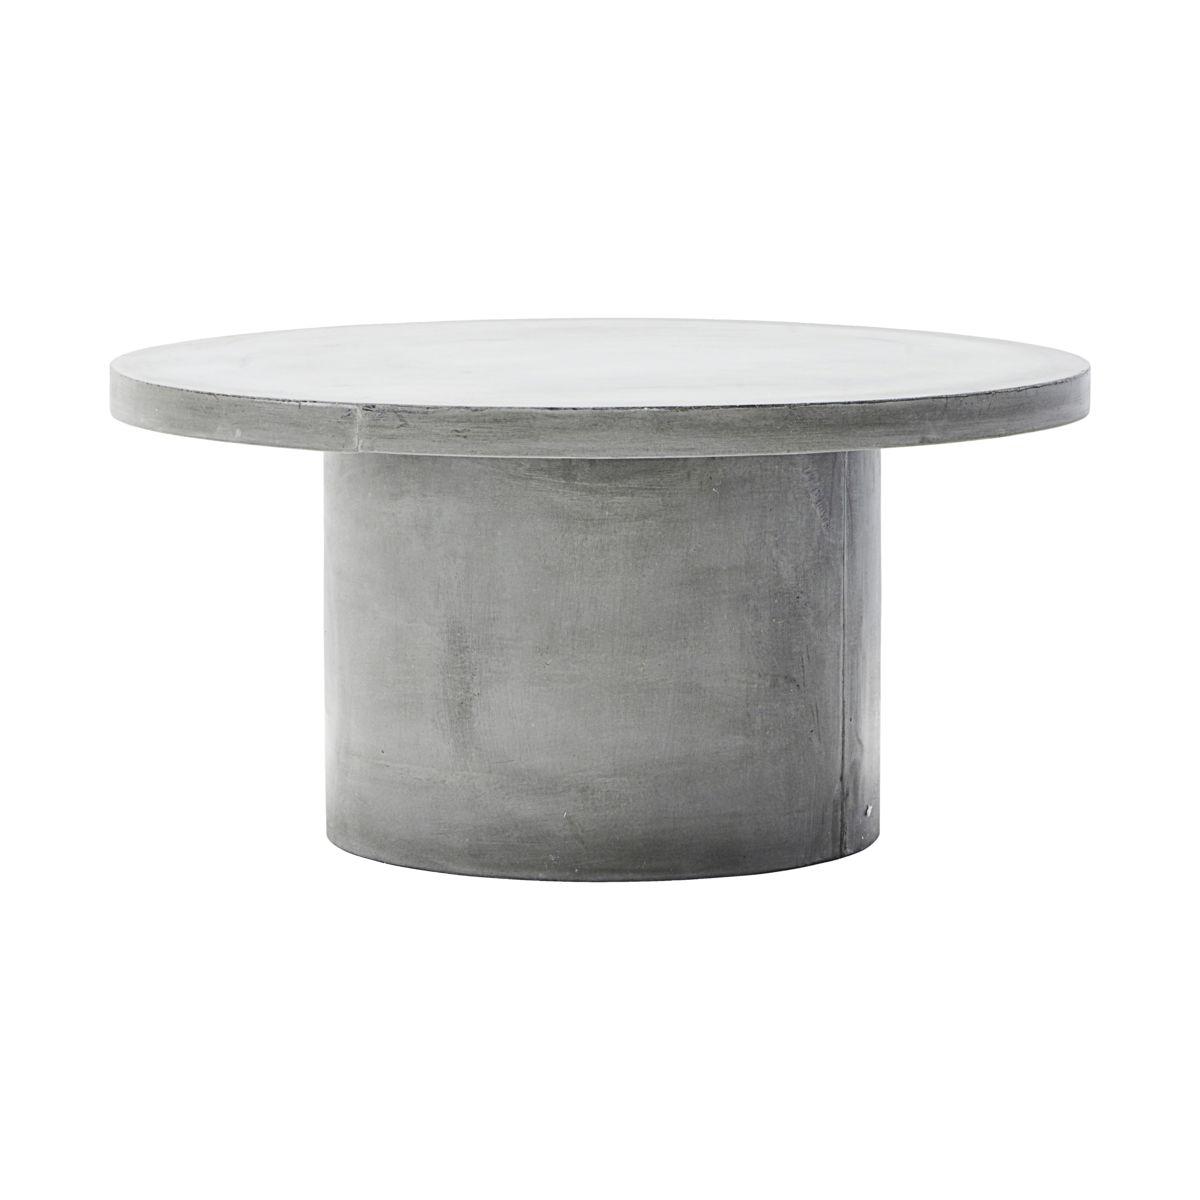 House doctor gallery sofabord - grå cement (ø 90) fra house doctor på boboonline.dk